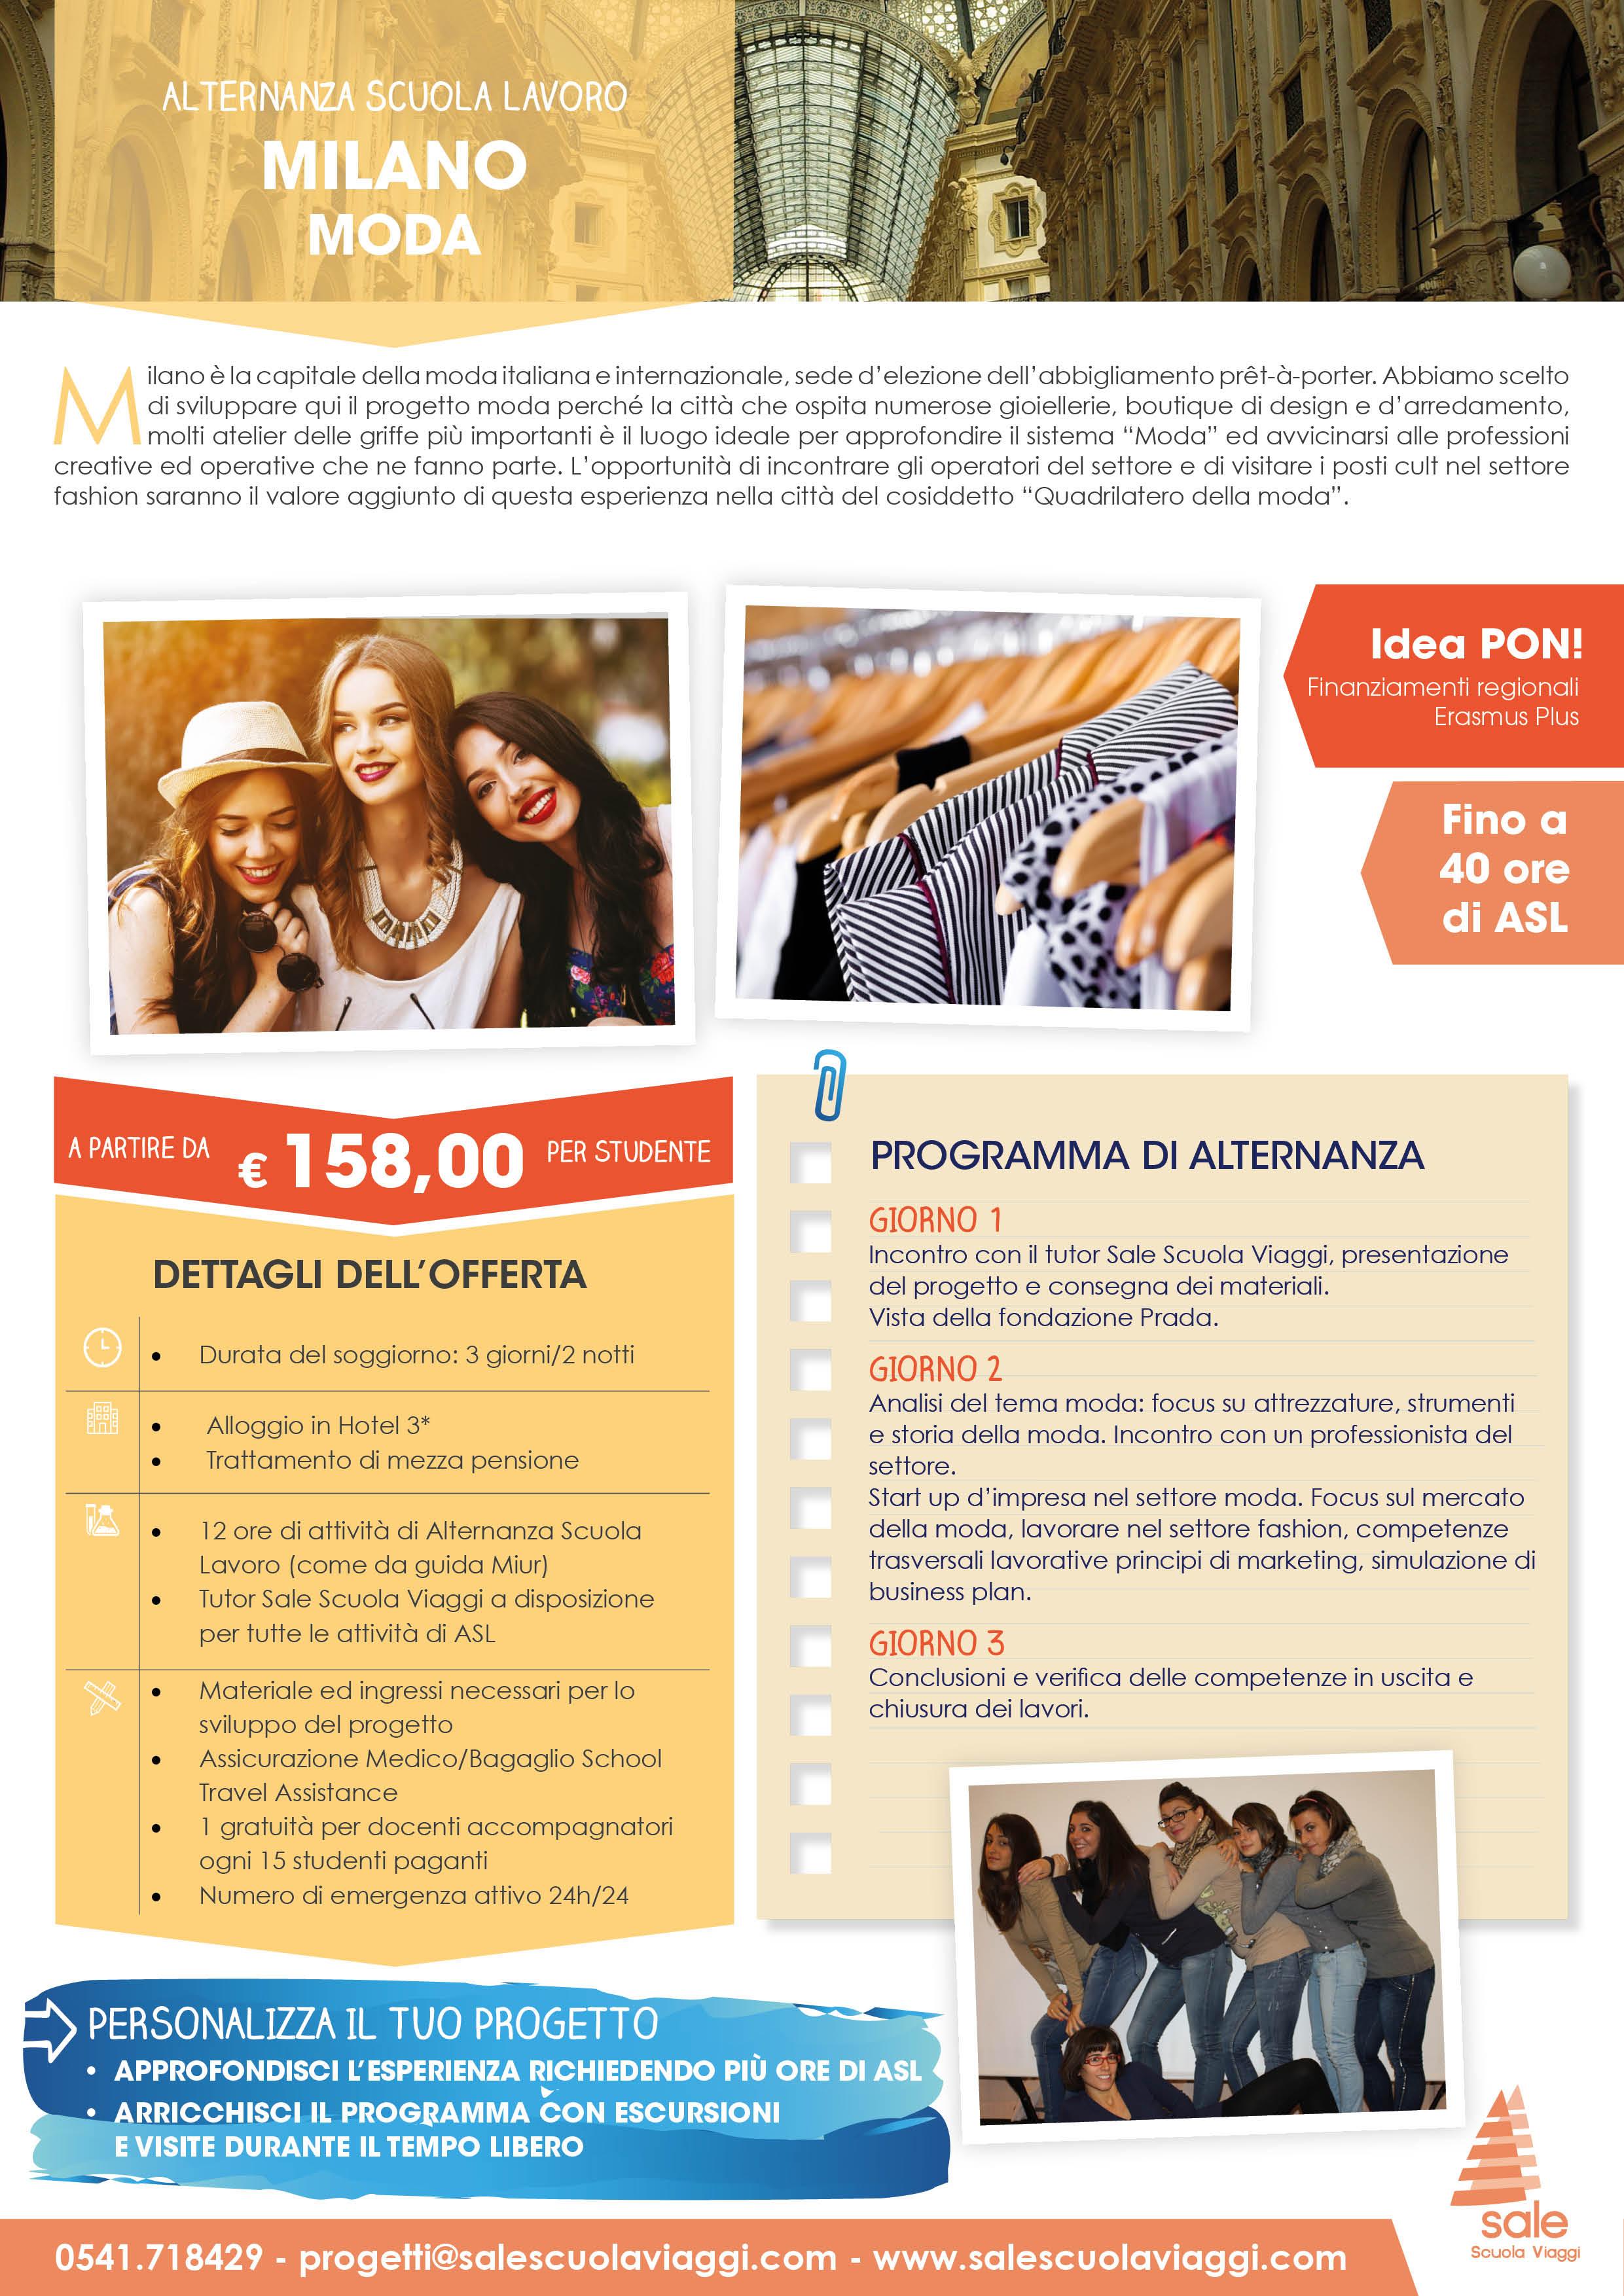 Milano moda alternanza in gita sale scuola viaggi for Scuola superiore moda milano